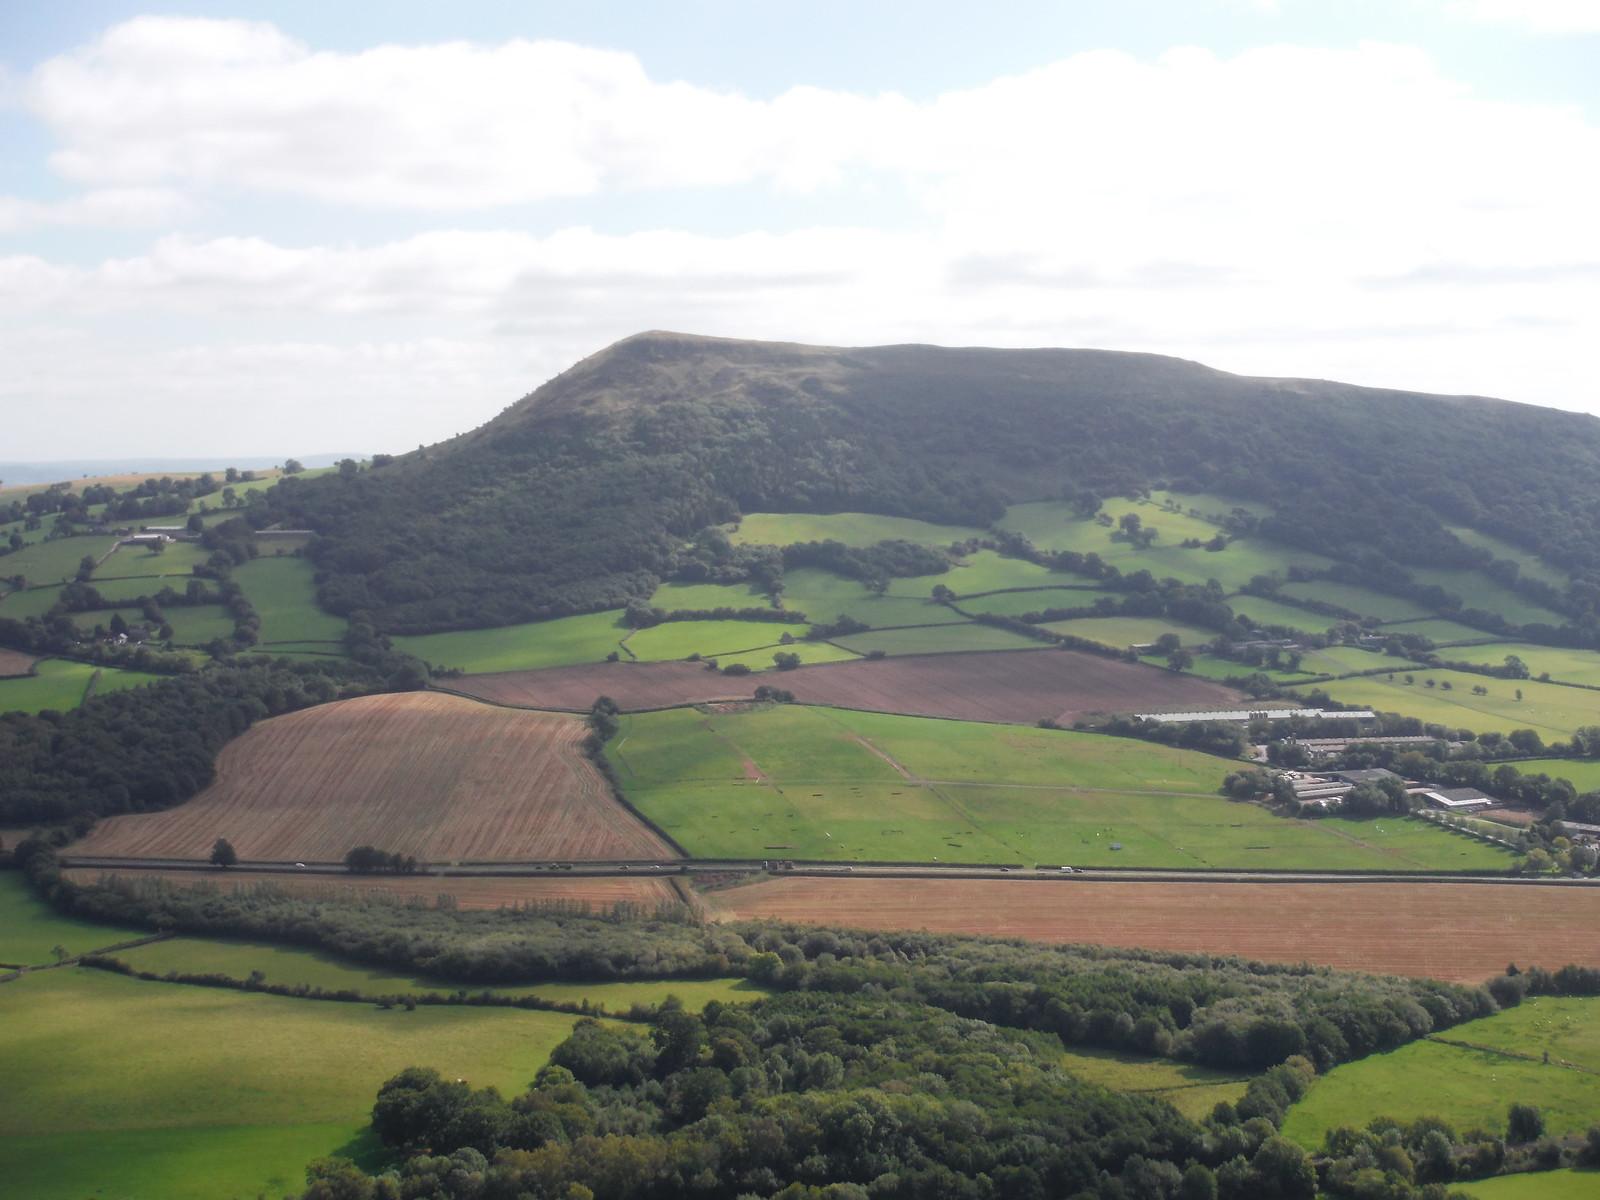 The Skirrid across the Gavenny Valley, from Bryn Arw SWC Walk 347 - Llanvihangel Crucorney Circular (via Bryn Arw and The Skirrid)